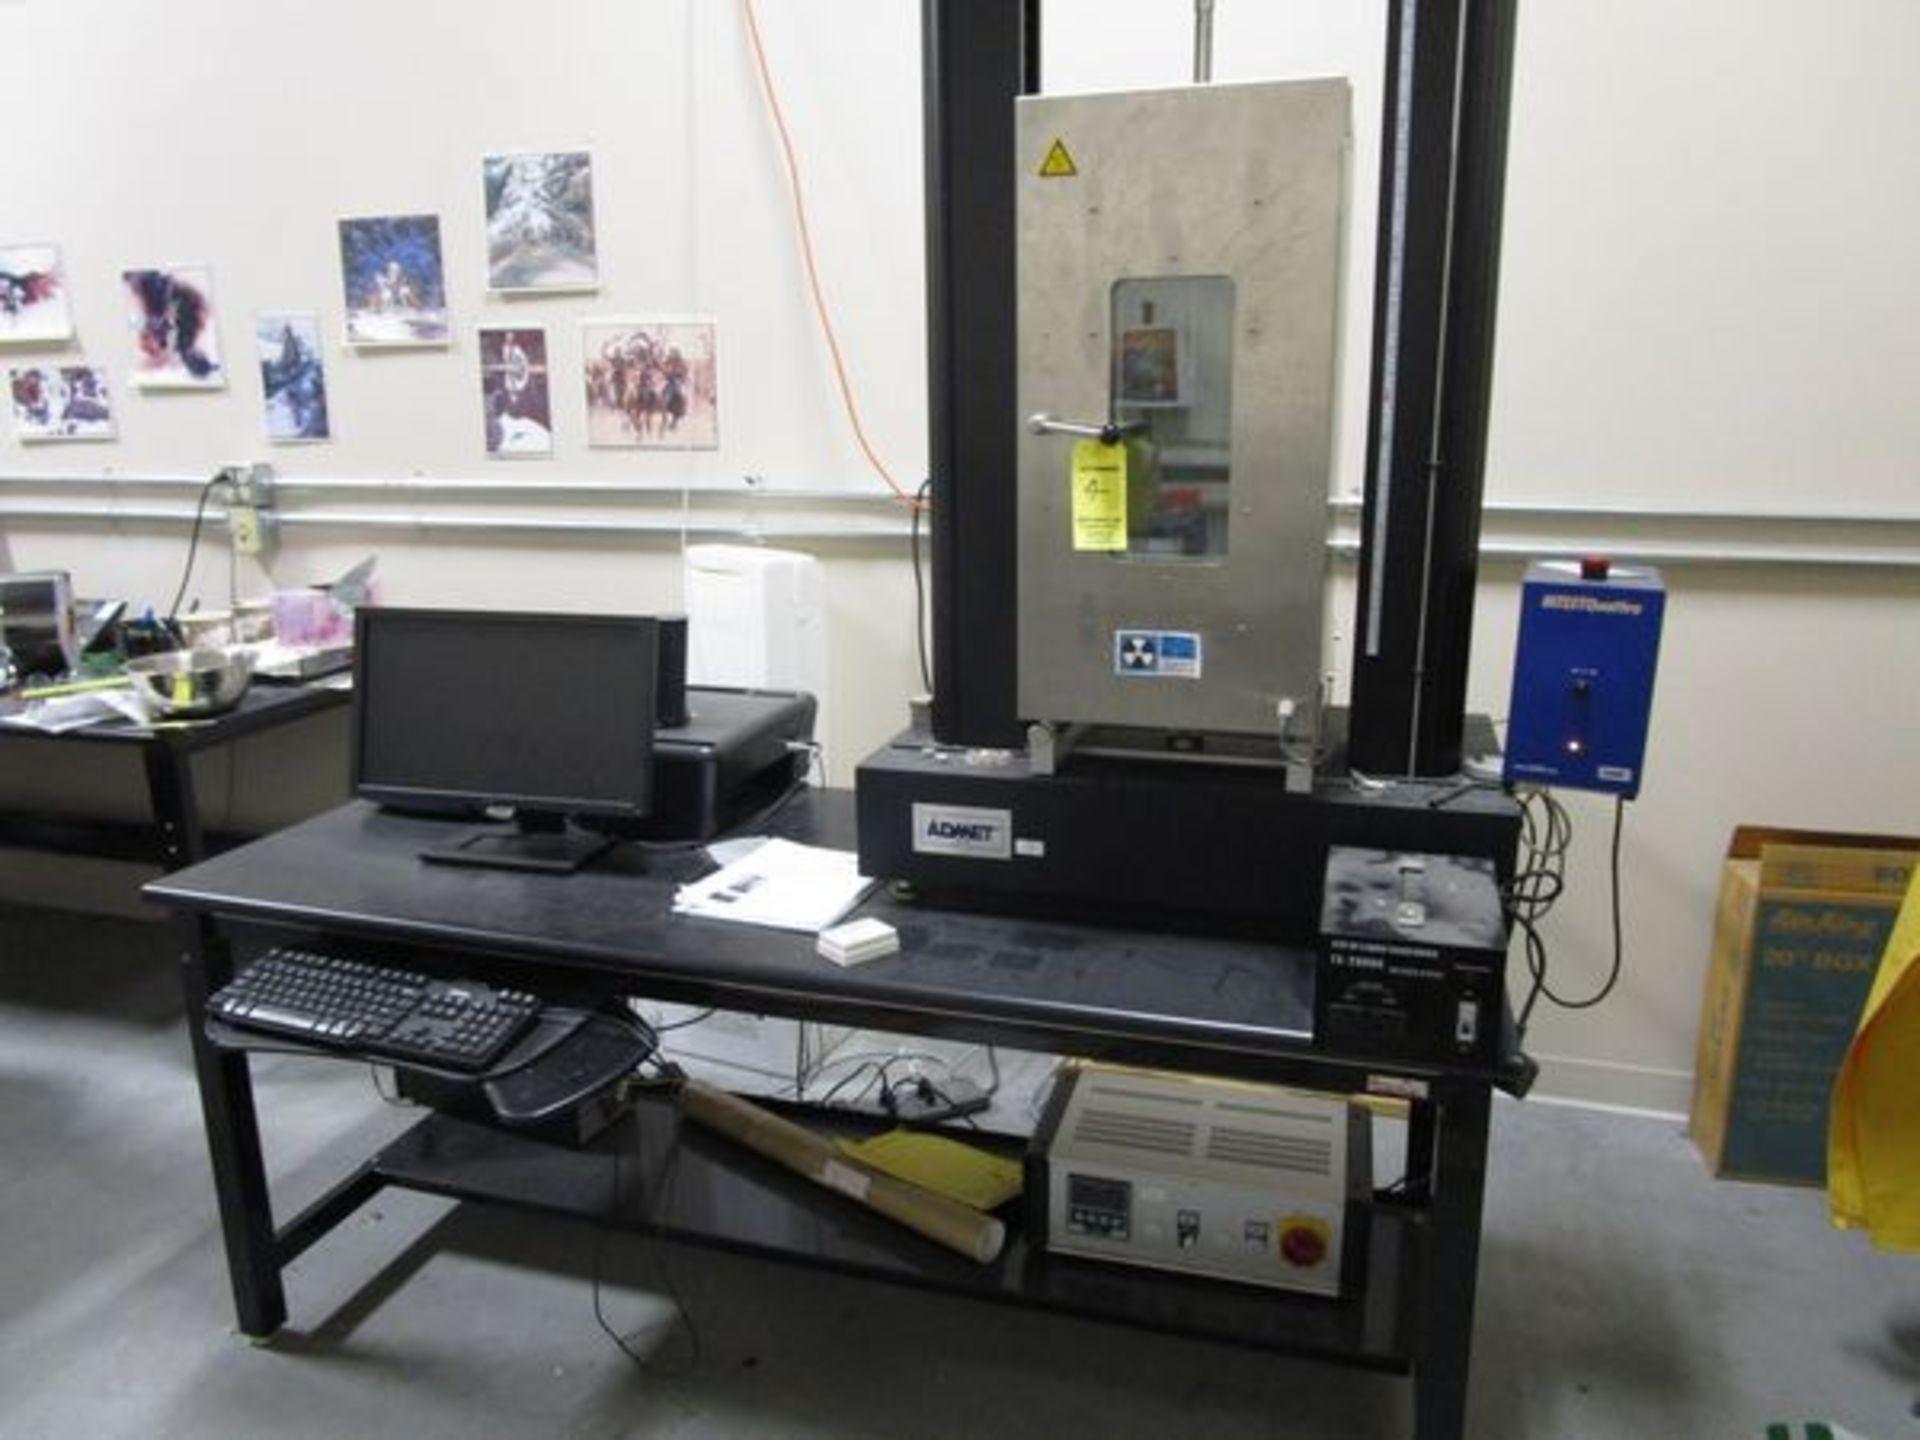 Admet Expert 2610-5KN Tensile Tester s/n 2610-1002021, Power Supply, PC & Table